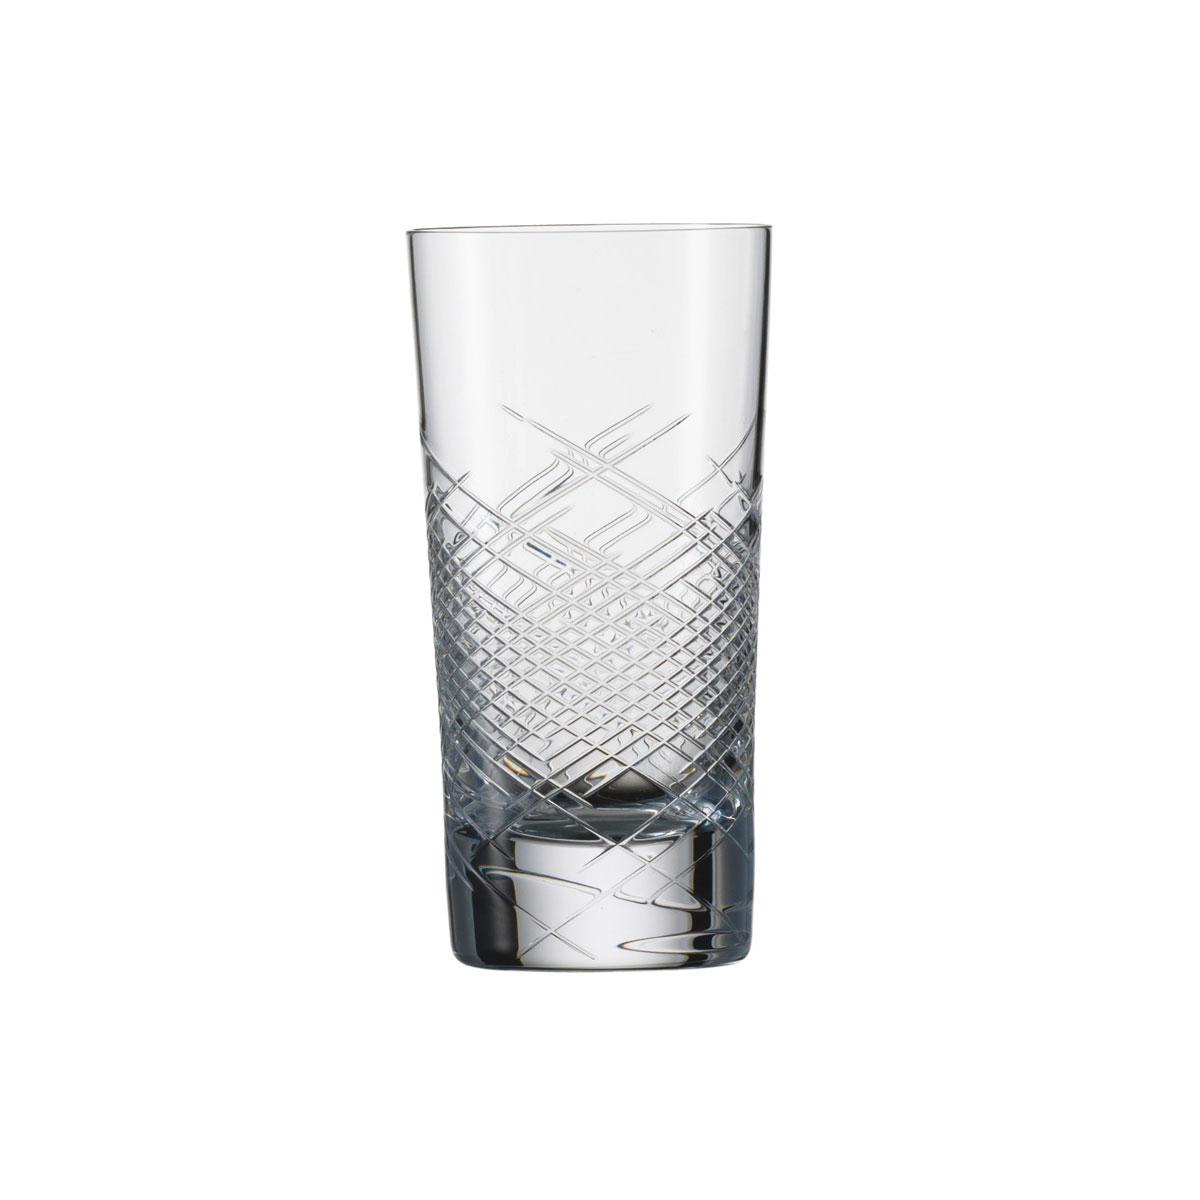 Schott Zwiesel Tritan Crystal, 1872 Charles Schumann Hommage Comete Longdrink Small, Single